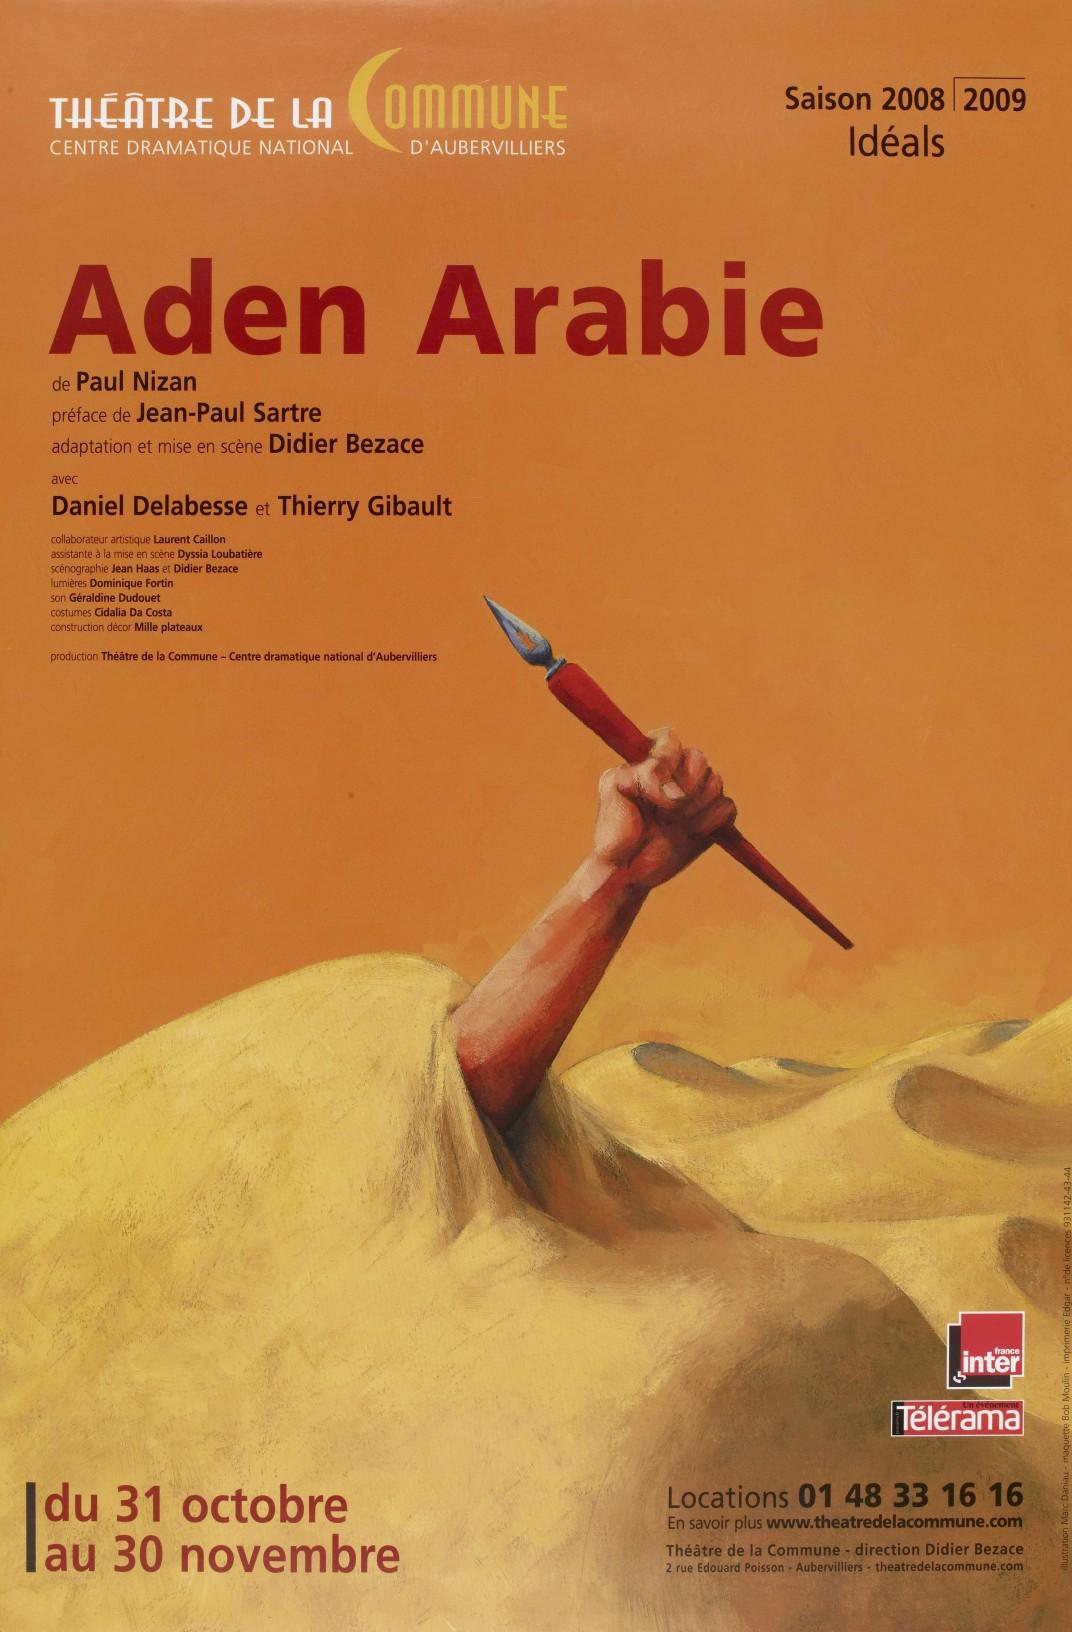 aden arabie